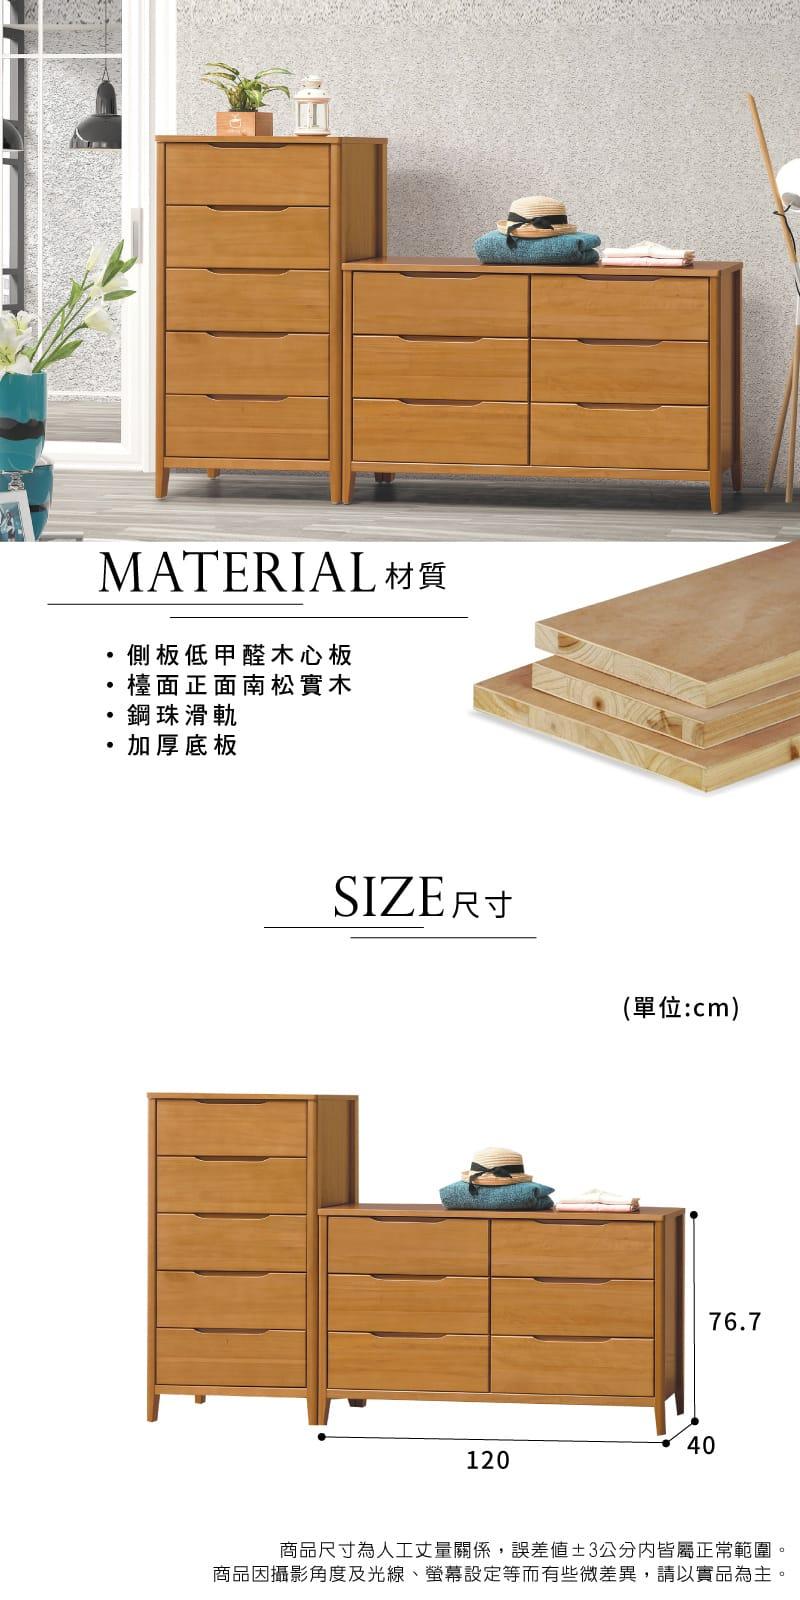 實木收納置物六斗櫃 寬120cm【米堤】